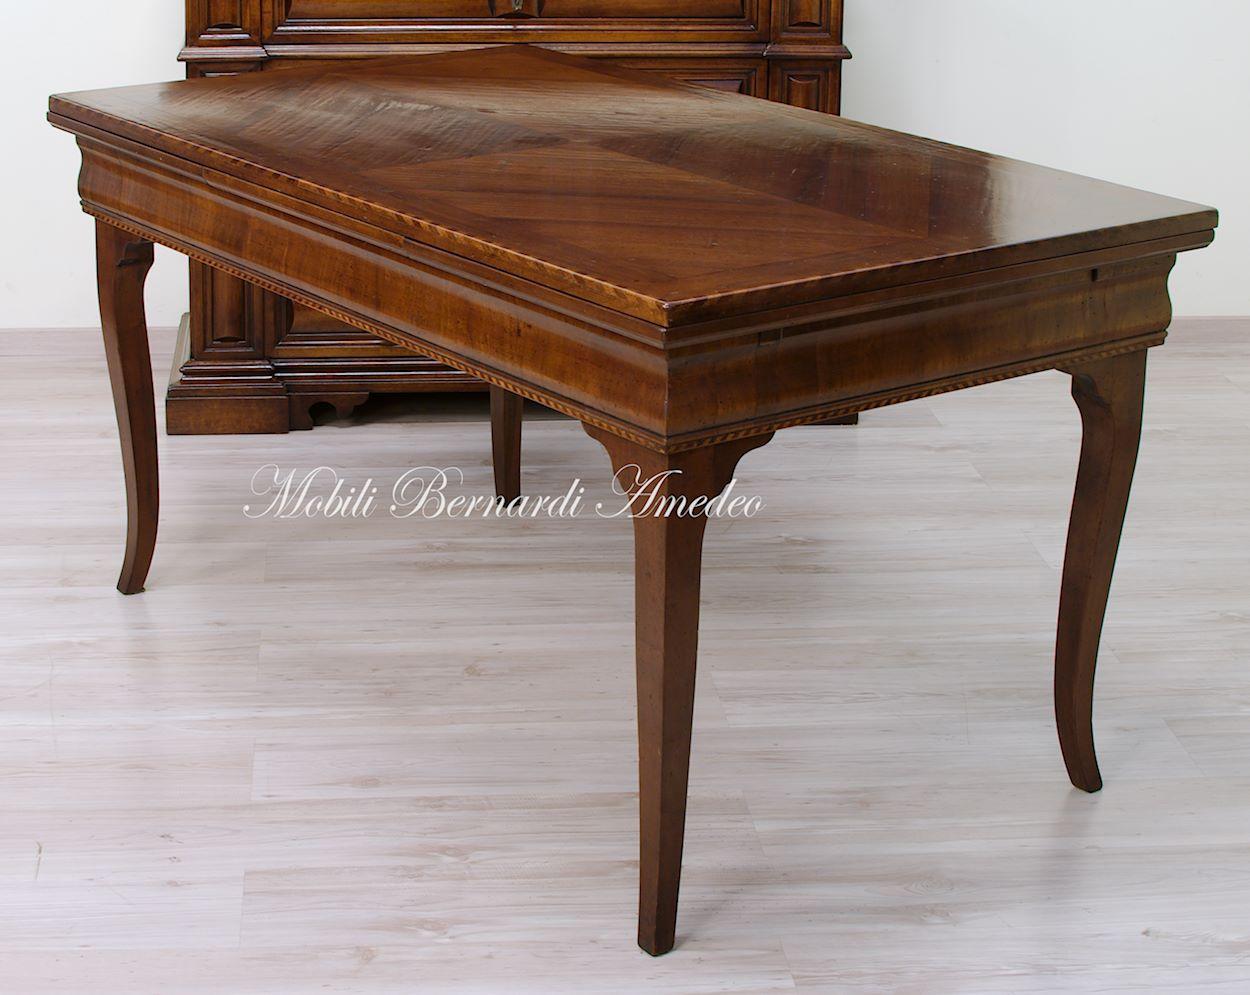 Mobili in legno scontati mobili in svendita for Vendita tavolo allungabile